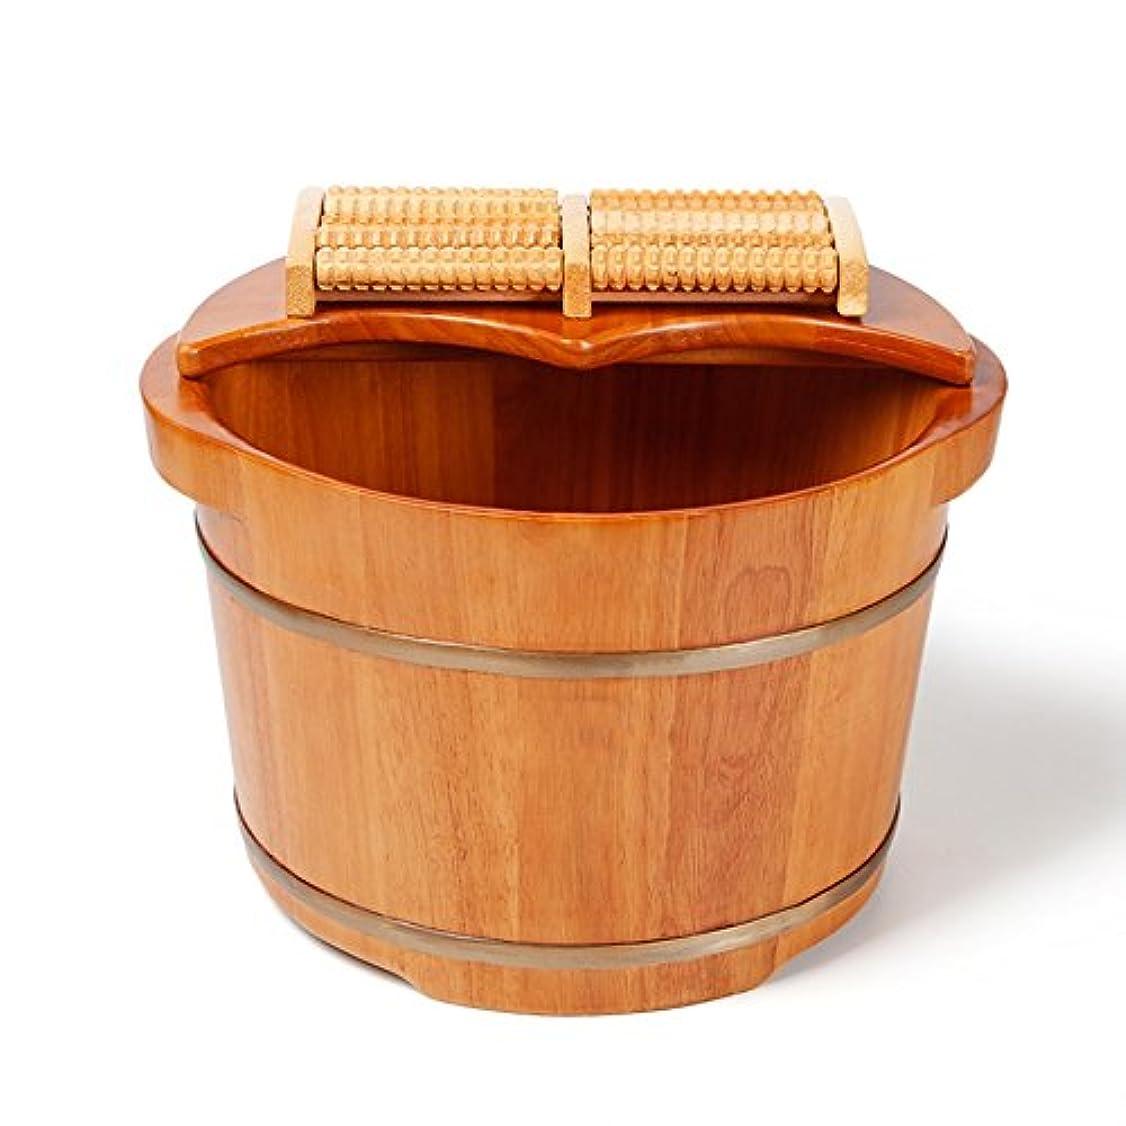 鉱夫万一に備えてバーマドC&L 足の浴槽、木製の足の洗面器足のバレルの足のマッサージの足の洗面器カバーの足の浴槽38 * 31 * 26cm ( サイズ さいず : 38*31*26cm )